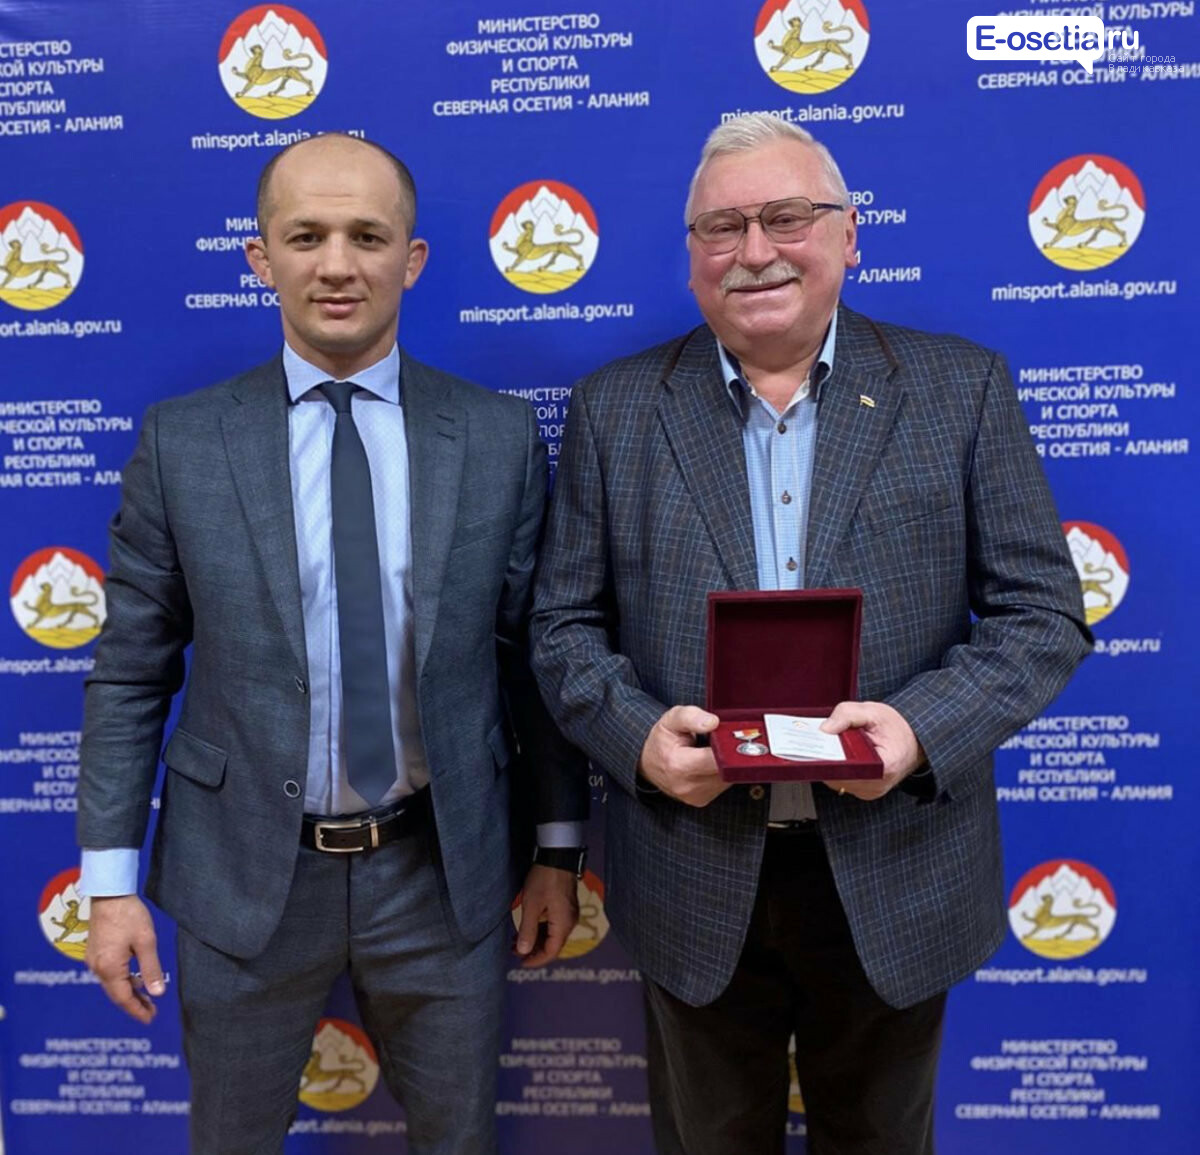 Владимир Куликов, Владимир Куликов удостоен медали «Во Славу Осетии»